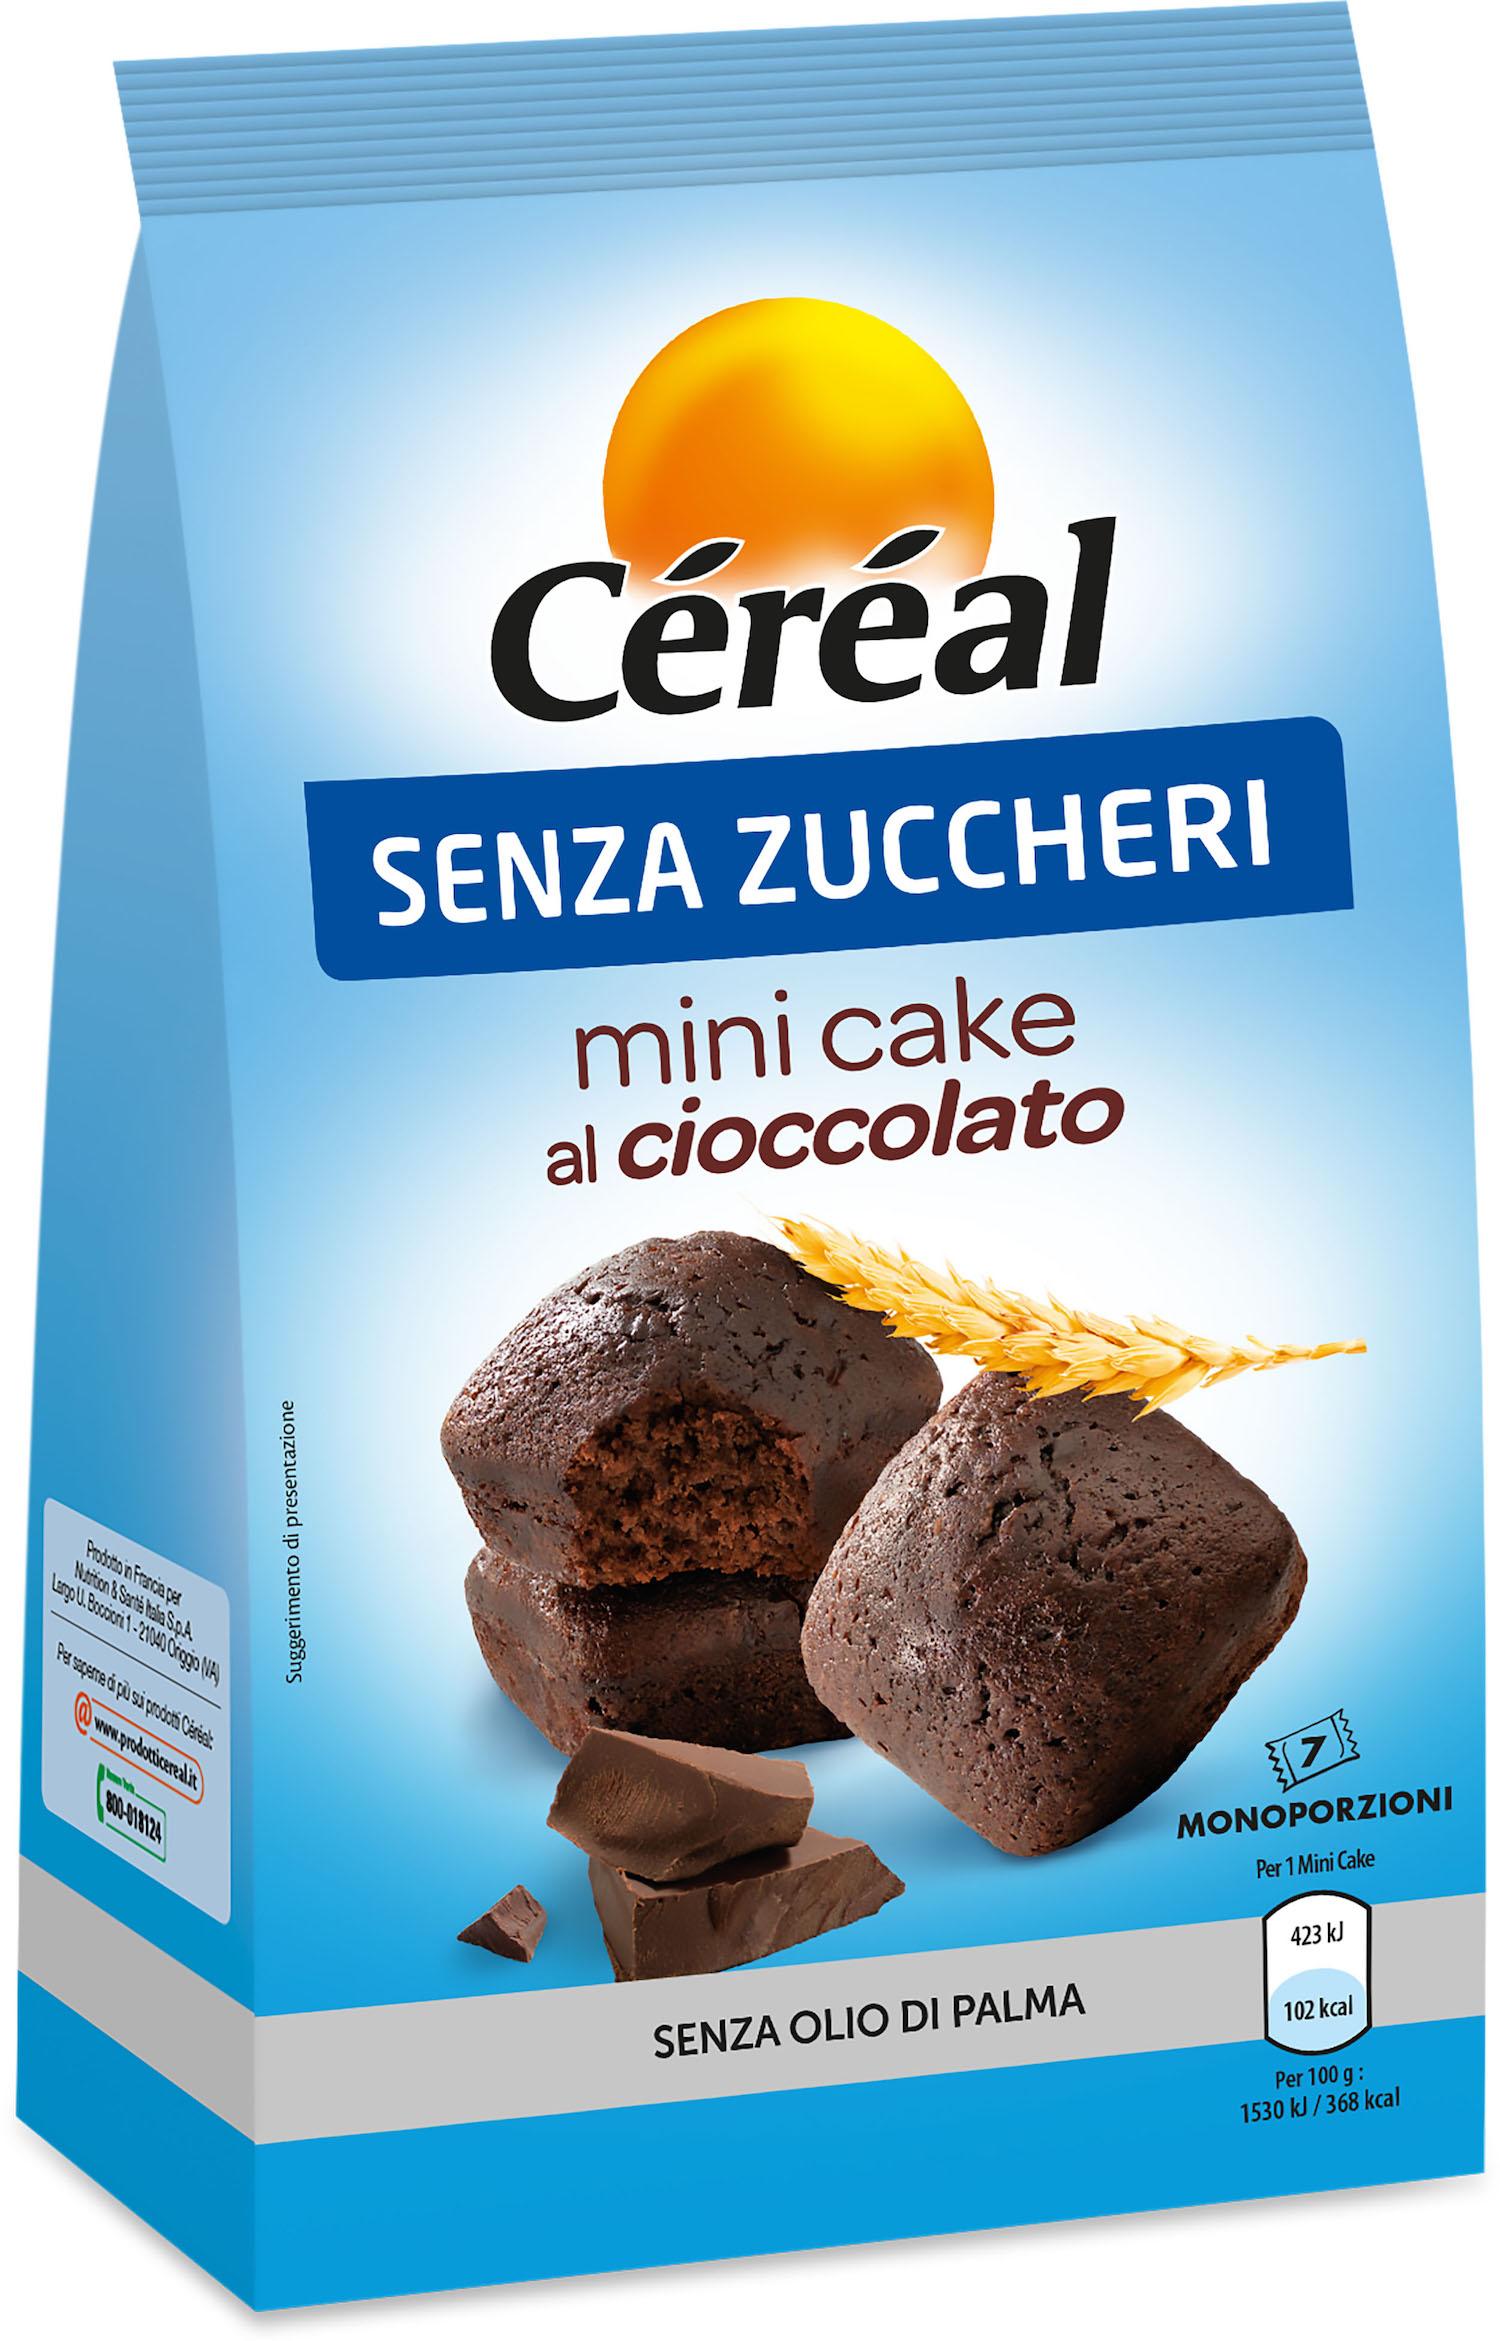 Arrivano i nuovi Mini Cake senza Zuccheri Céréal nei due gusti Limone o Cioccolato!